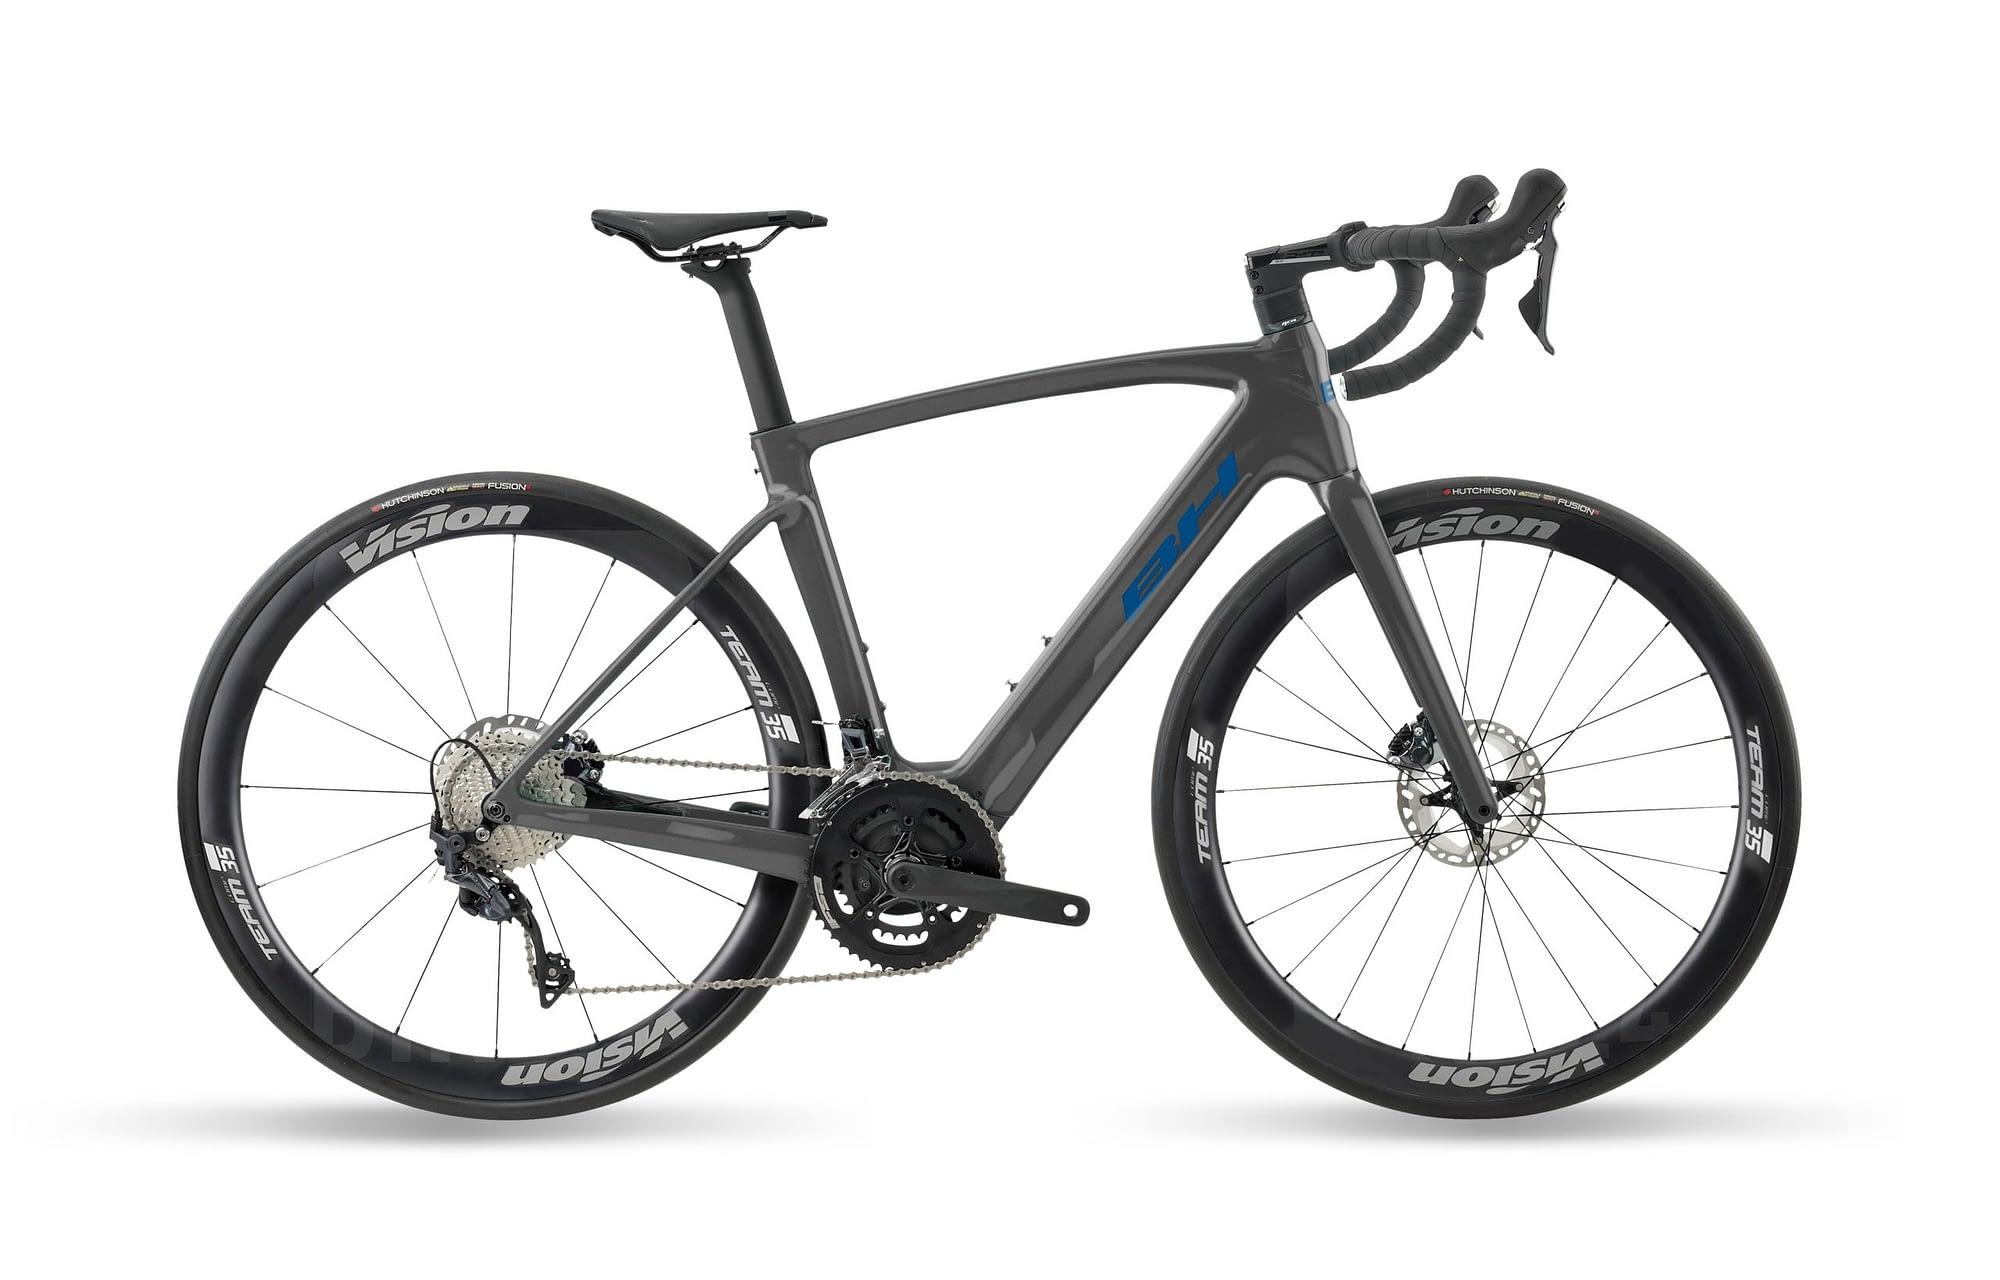 BH CORE RACE CARBON 1.6 - Noir / Bleu, L